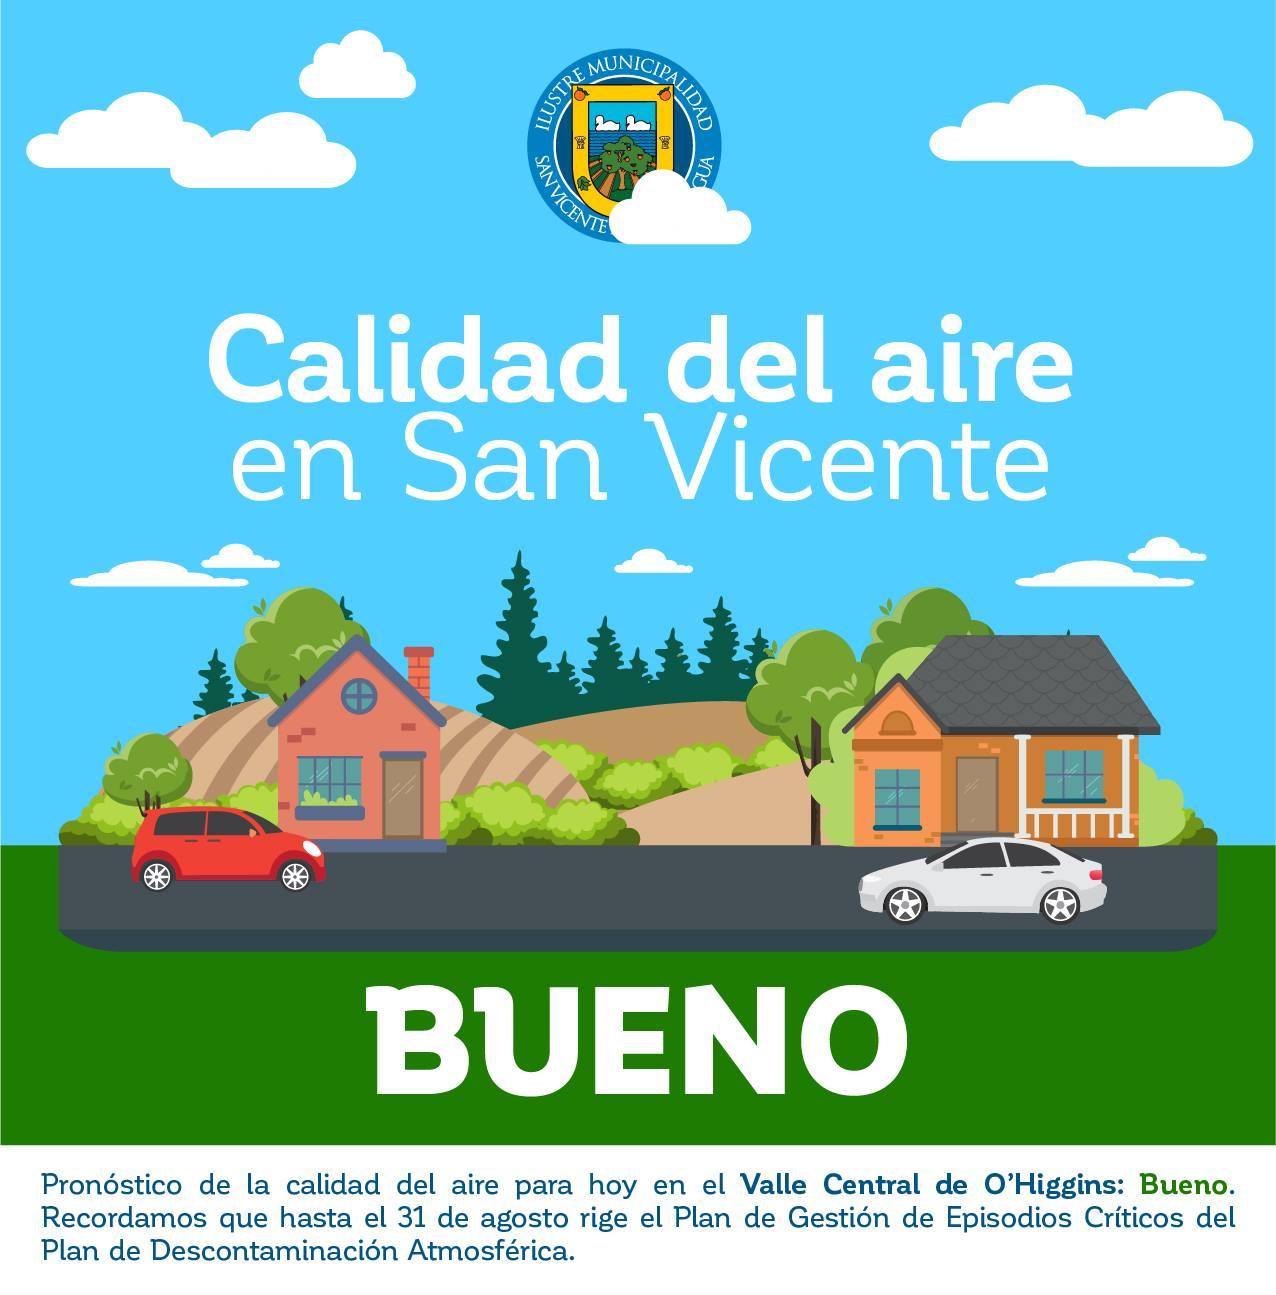 CALIDAD DEL AIRE EN SAN VICENTE DE TAGUA TAGUA JUEVES 30 DE ABRIL: BUENO